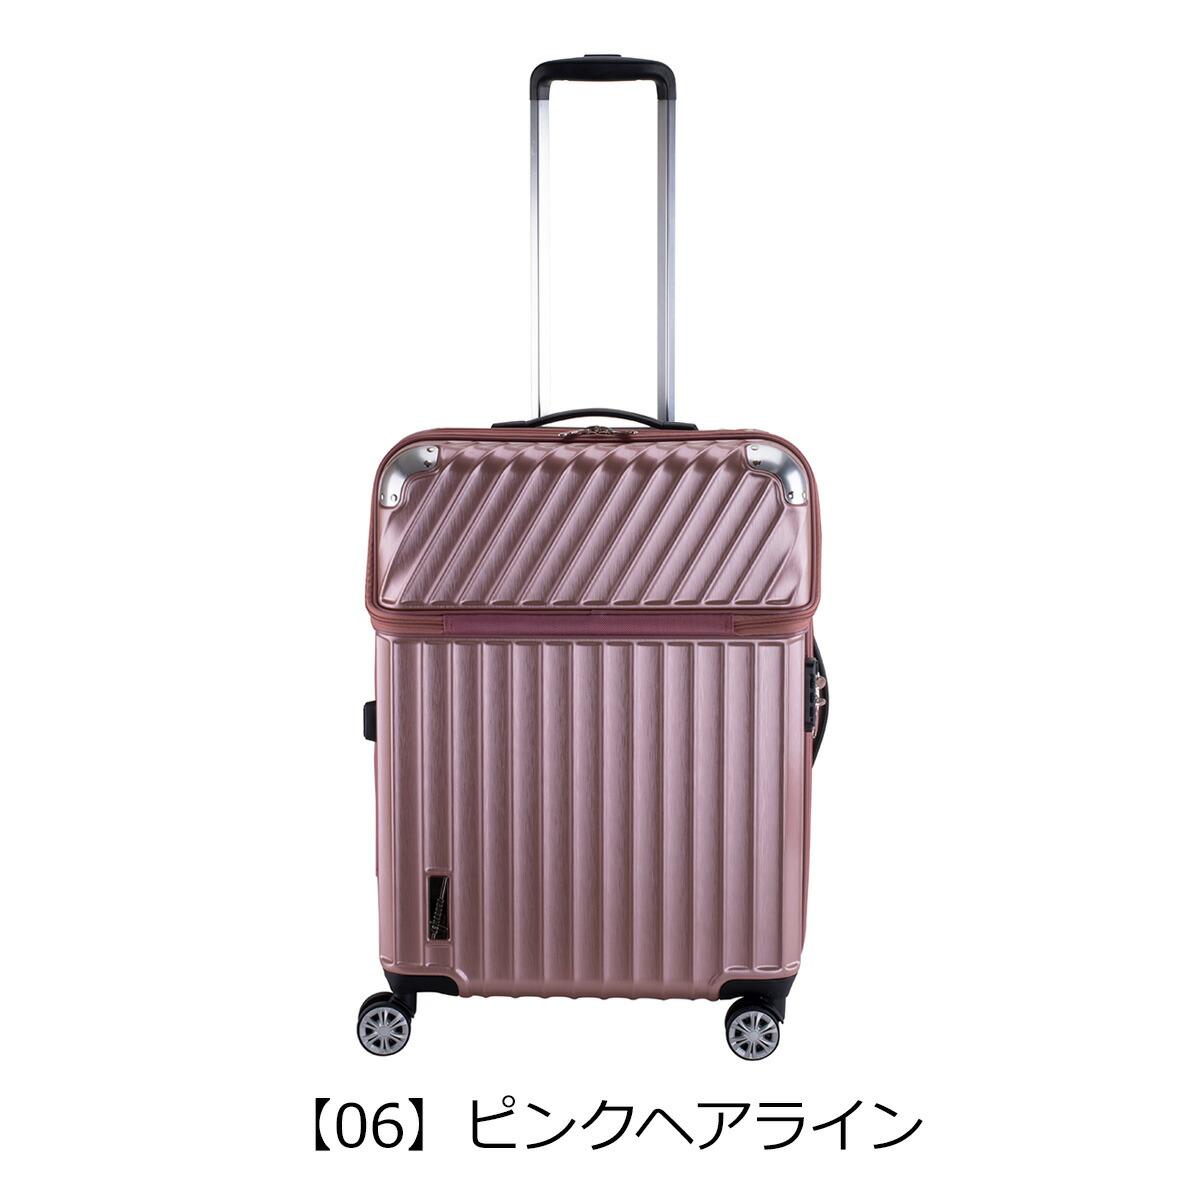 【06】ピンクヘアライン